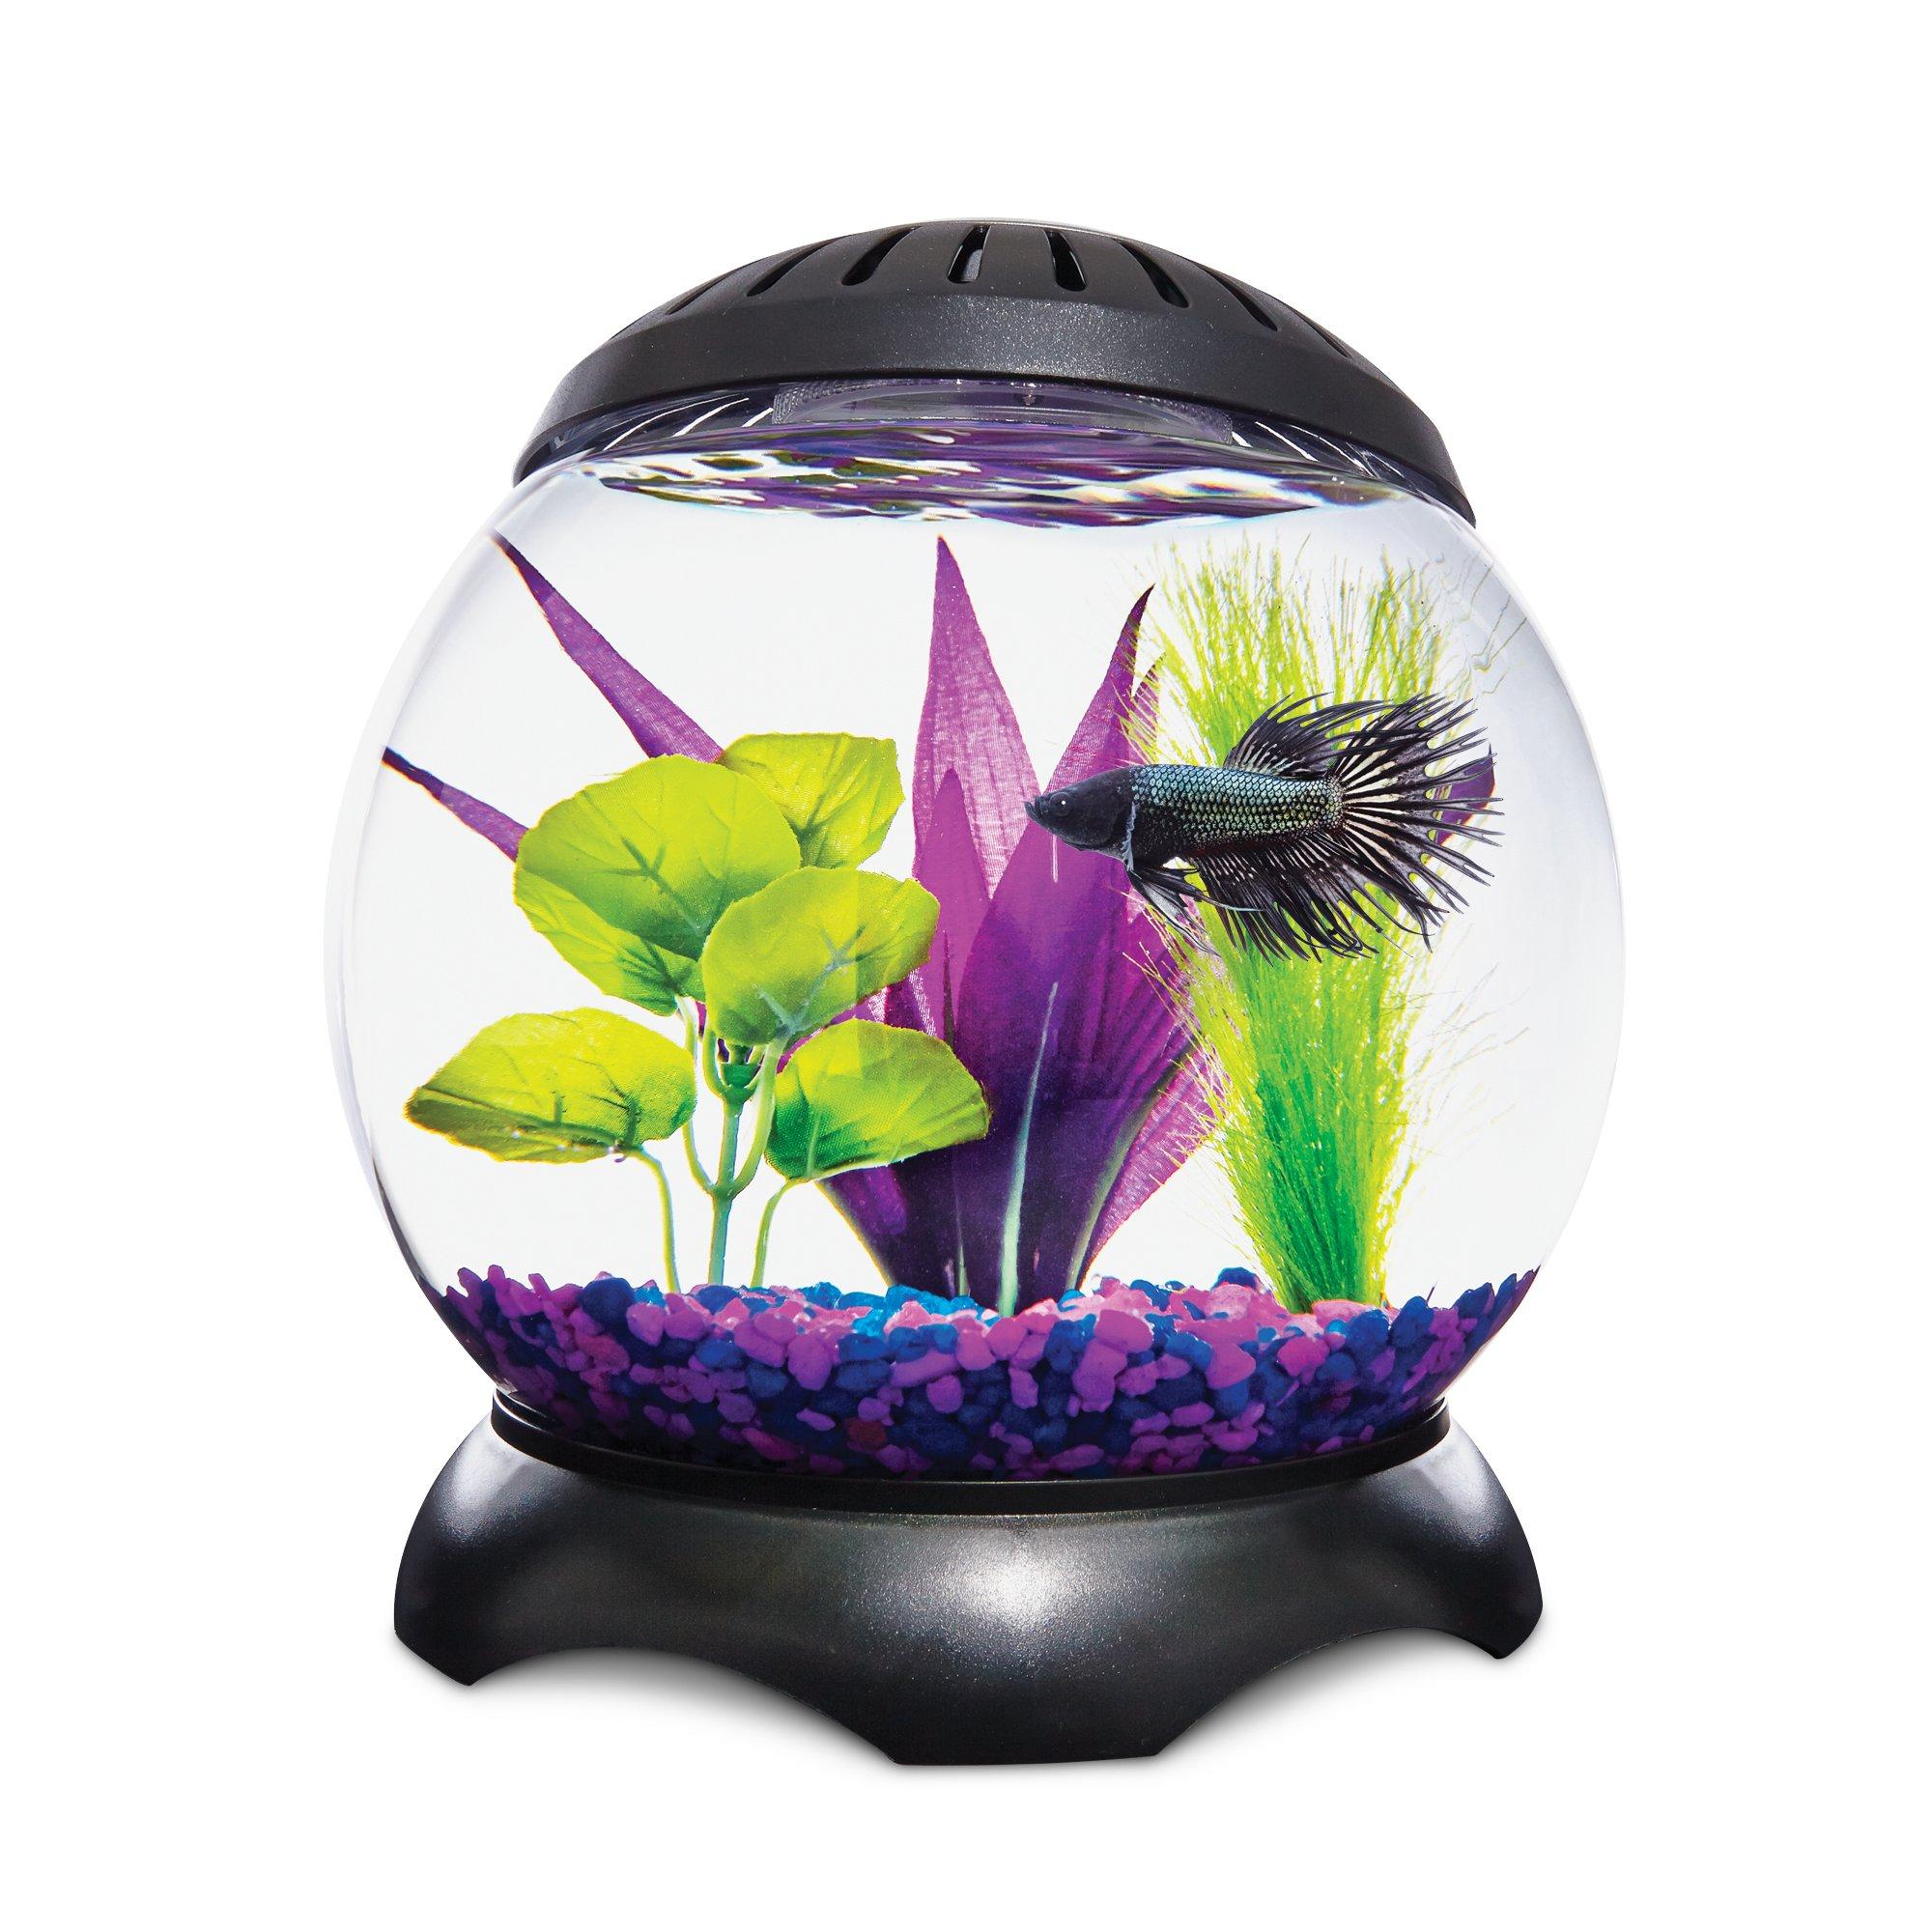 Imagitarium lotus tank petco for Petco fish for sale